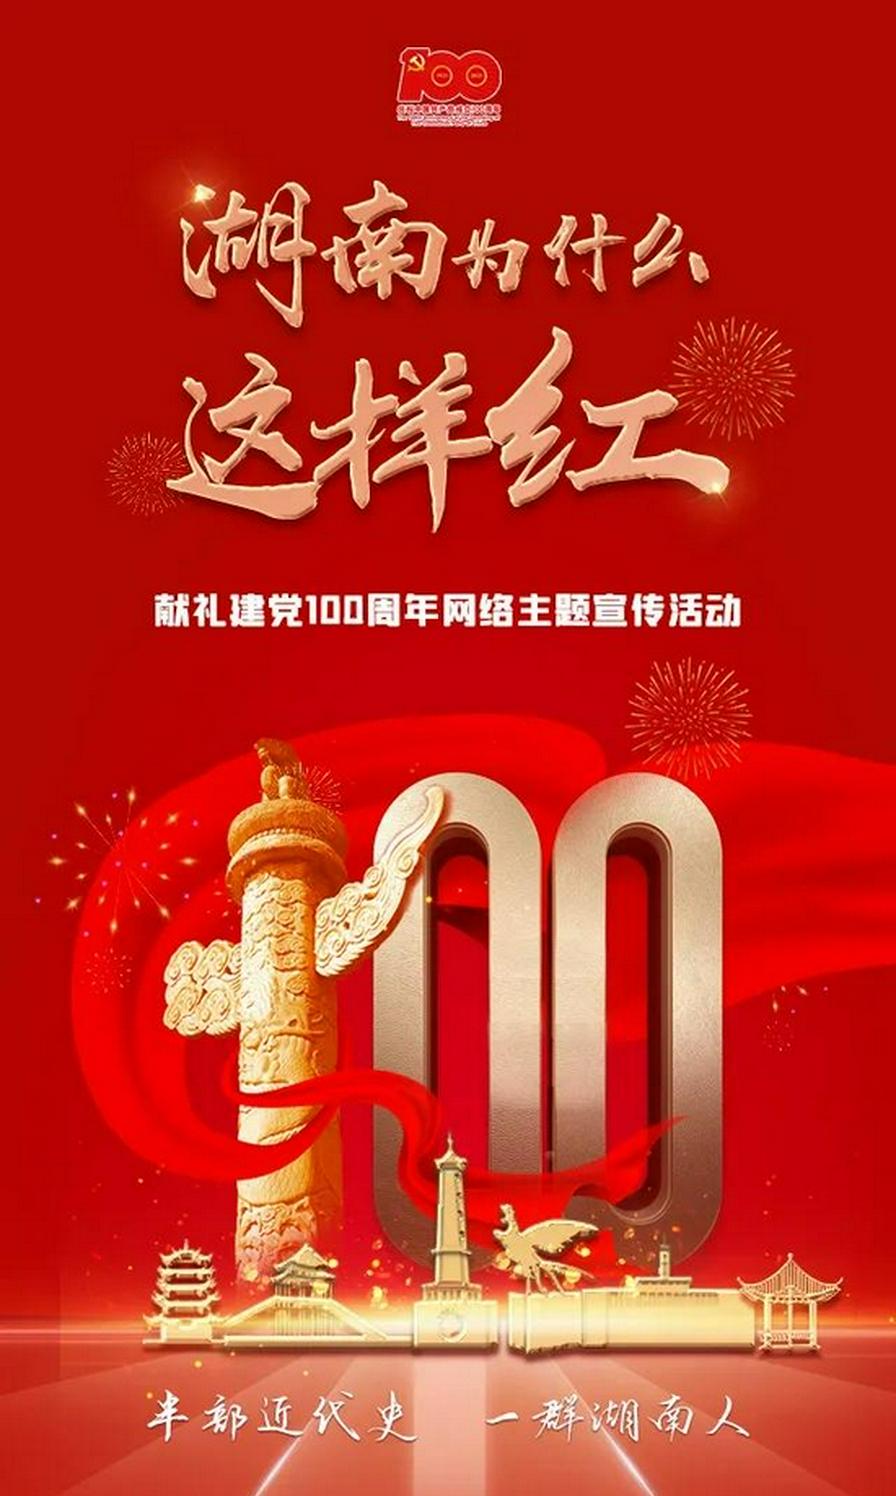 湖南为什么这样红丨新永州建设,红色基因中汲取奋进力量!